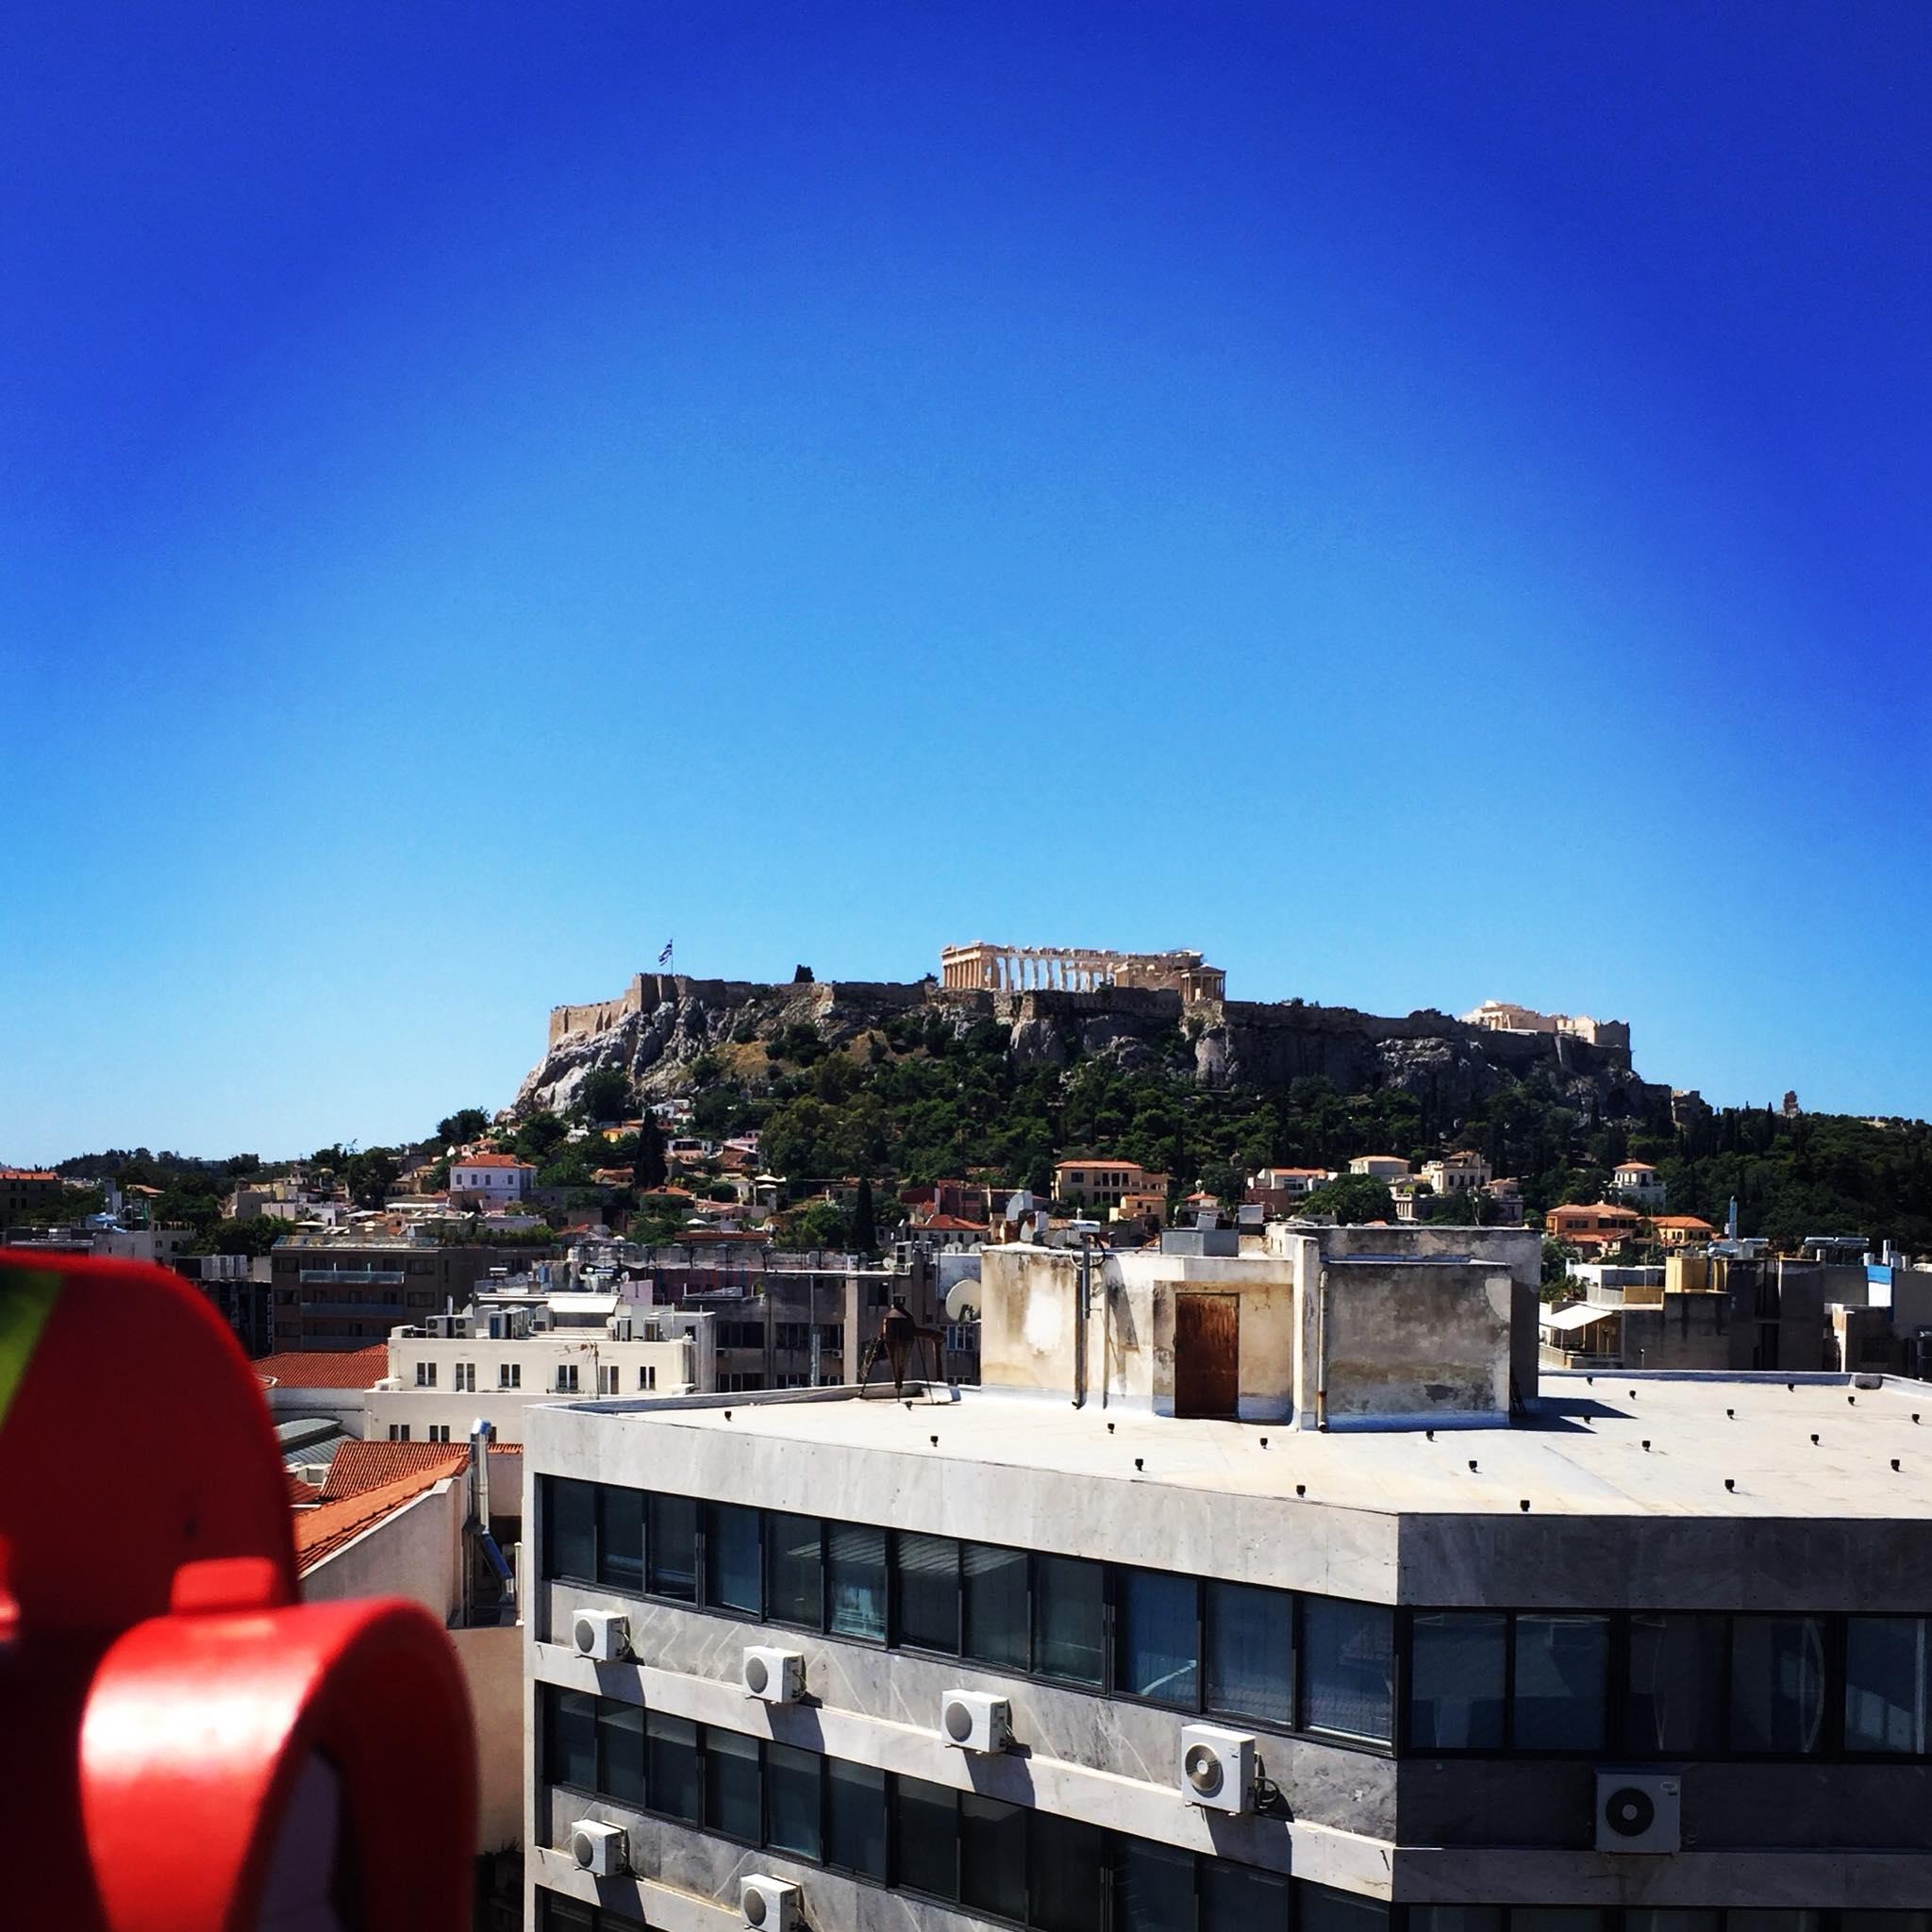 Τοπογραφικές εργασίες στην Αθήνα